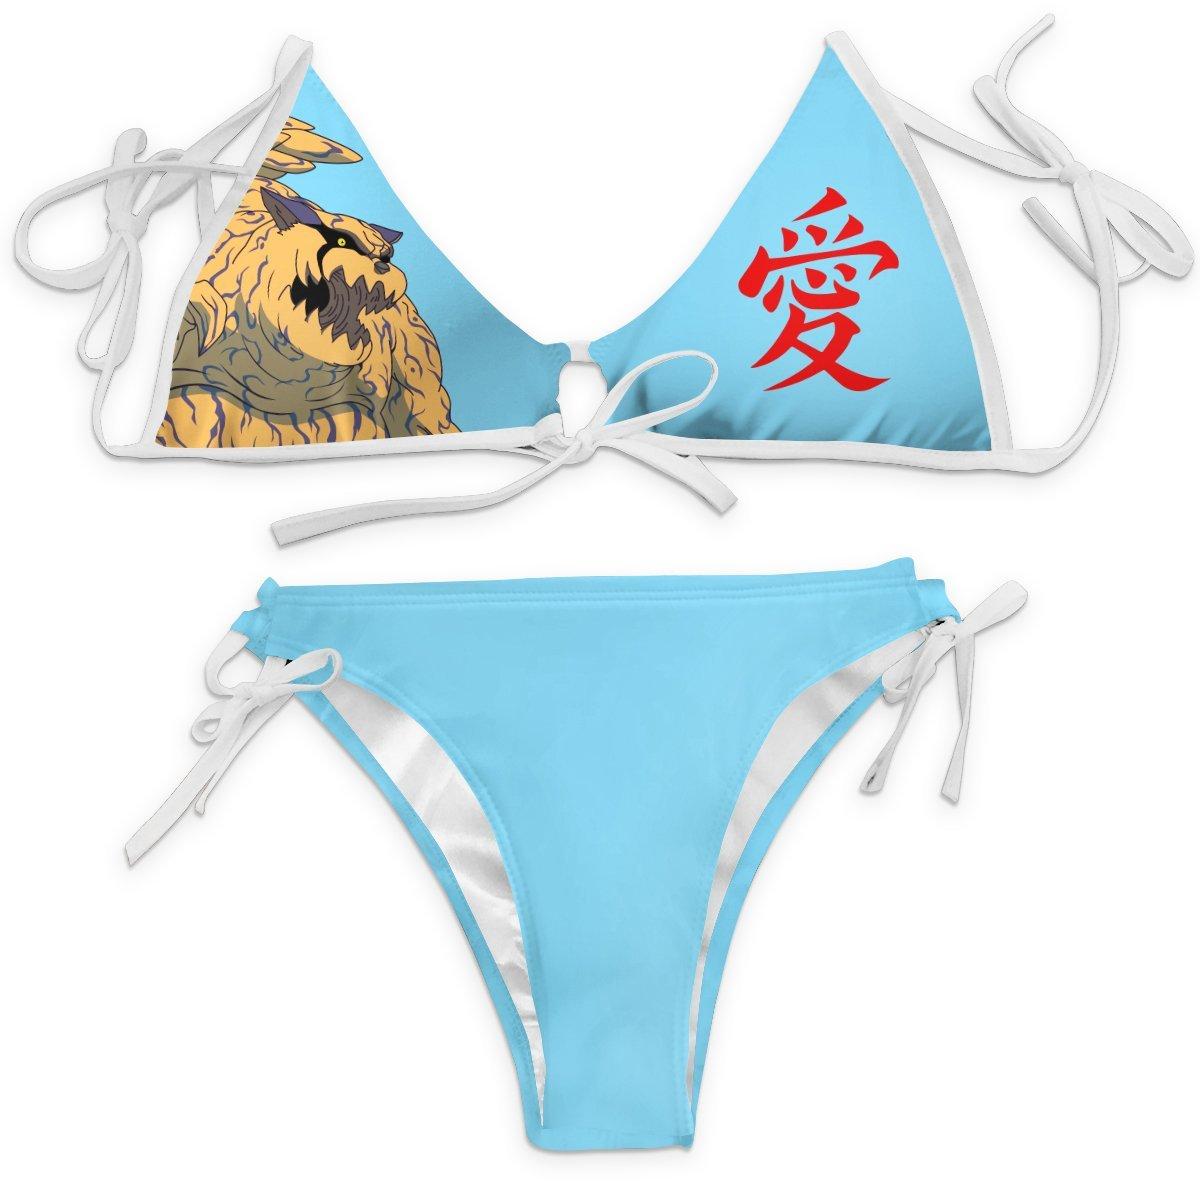 Gaara Summer Bikini Swimsuit FDM3107 XXS Official Anime Swimsuit Merch